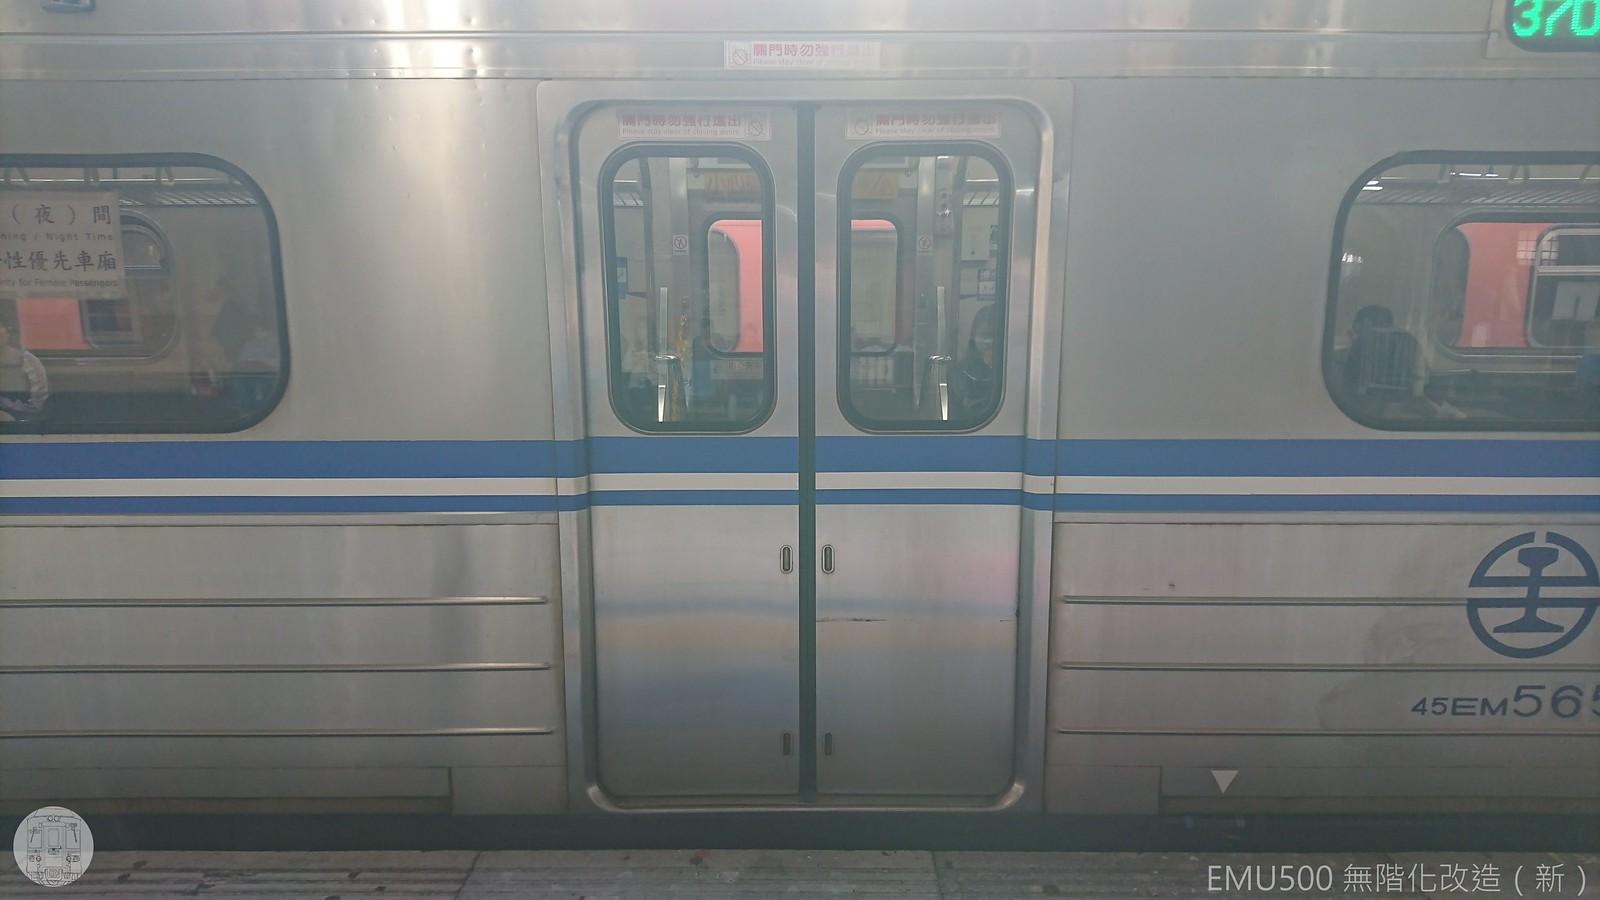 EMU500 車門無階化改造